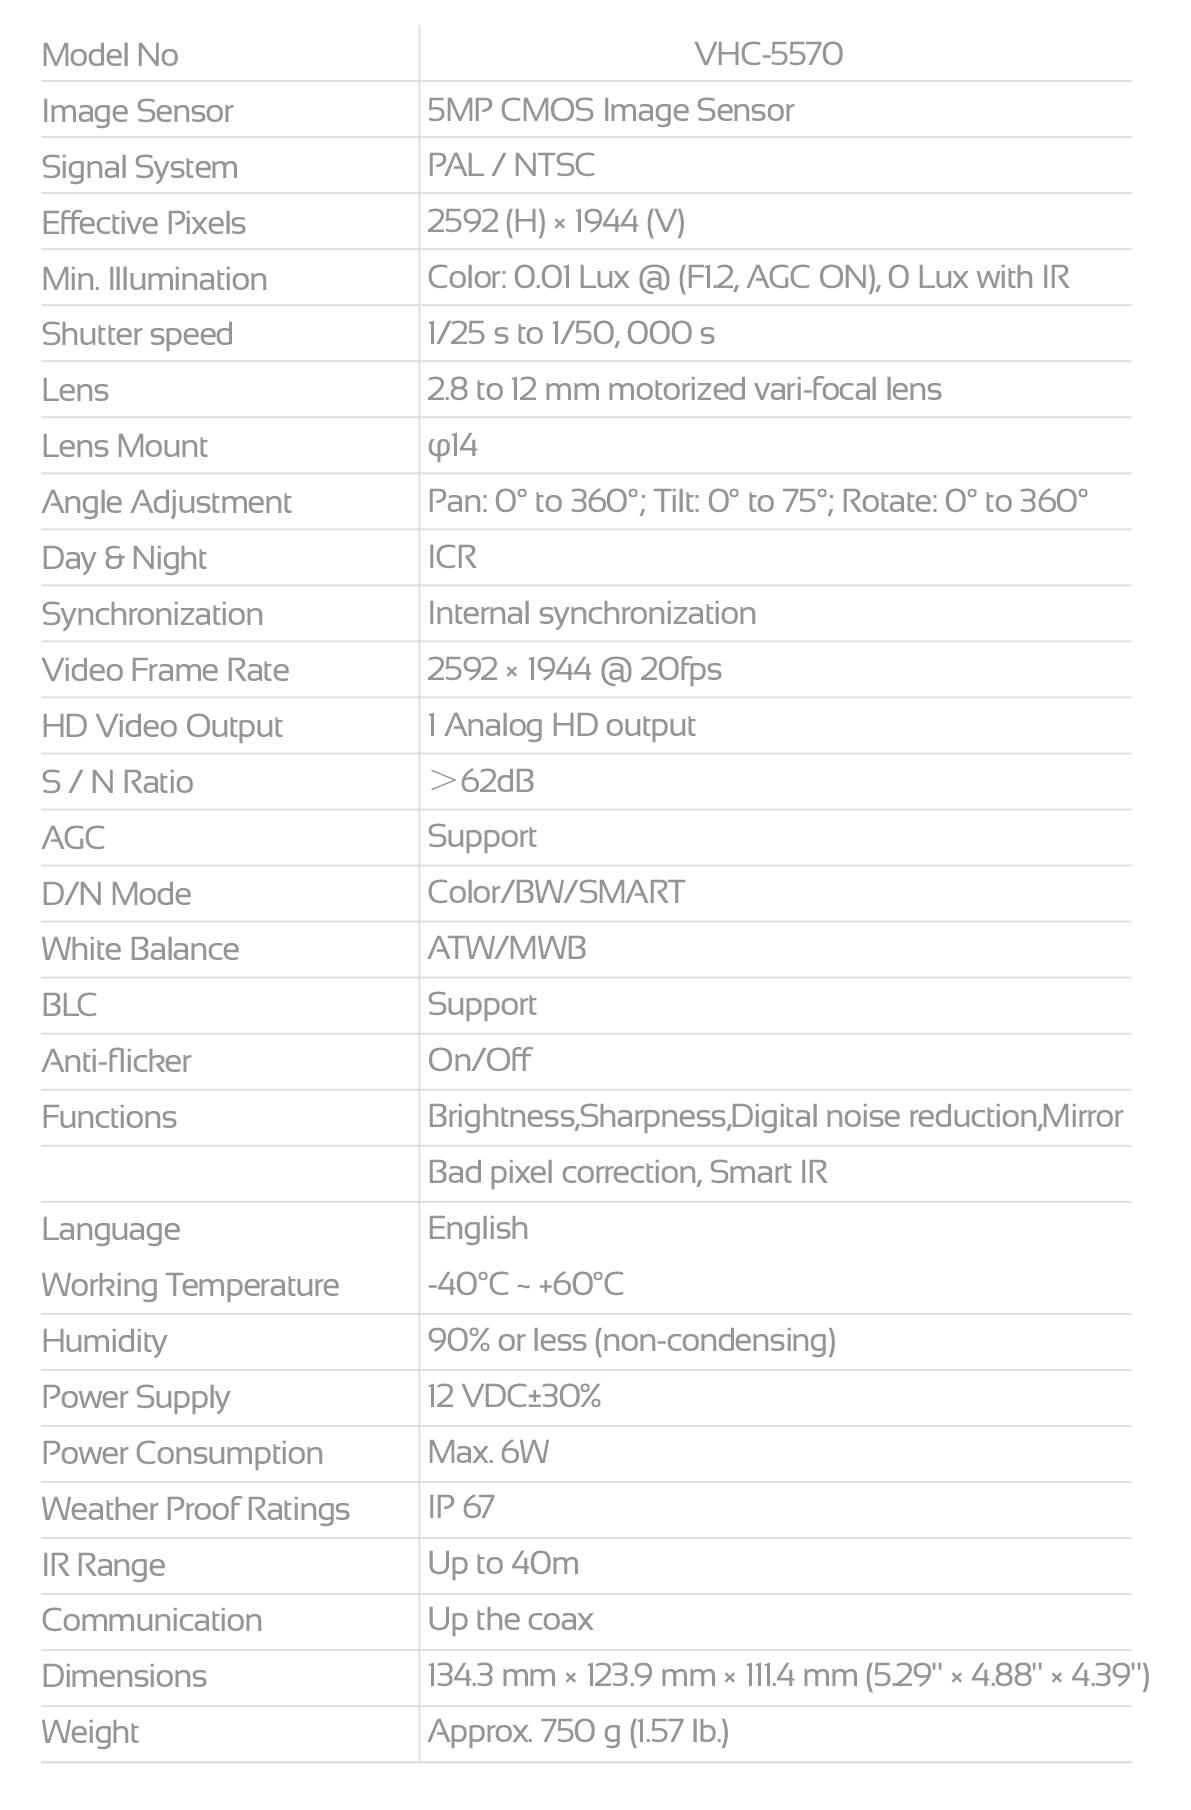 VERTINA-VHC-5570-data VHC-5570